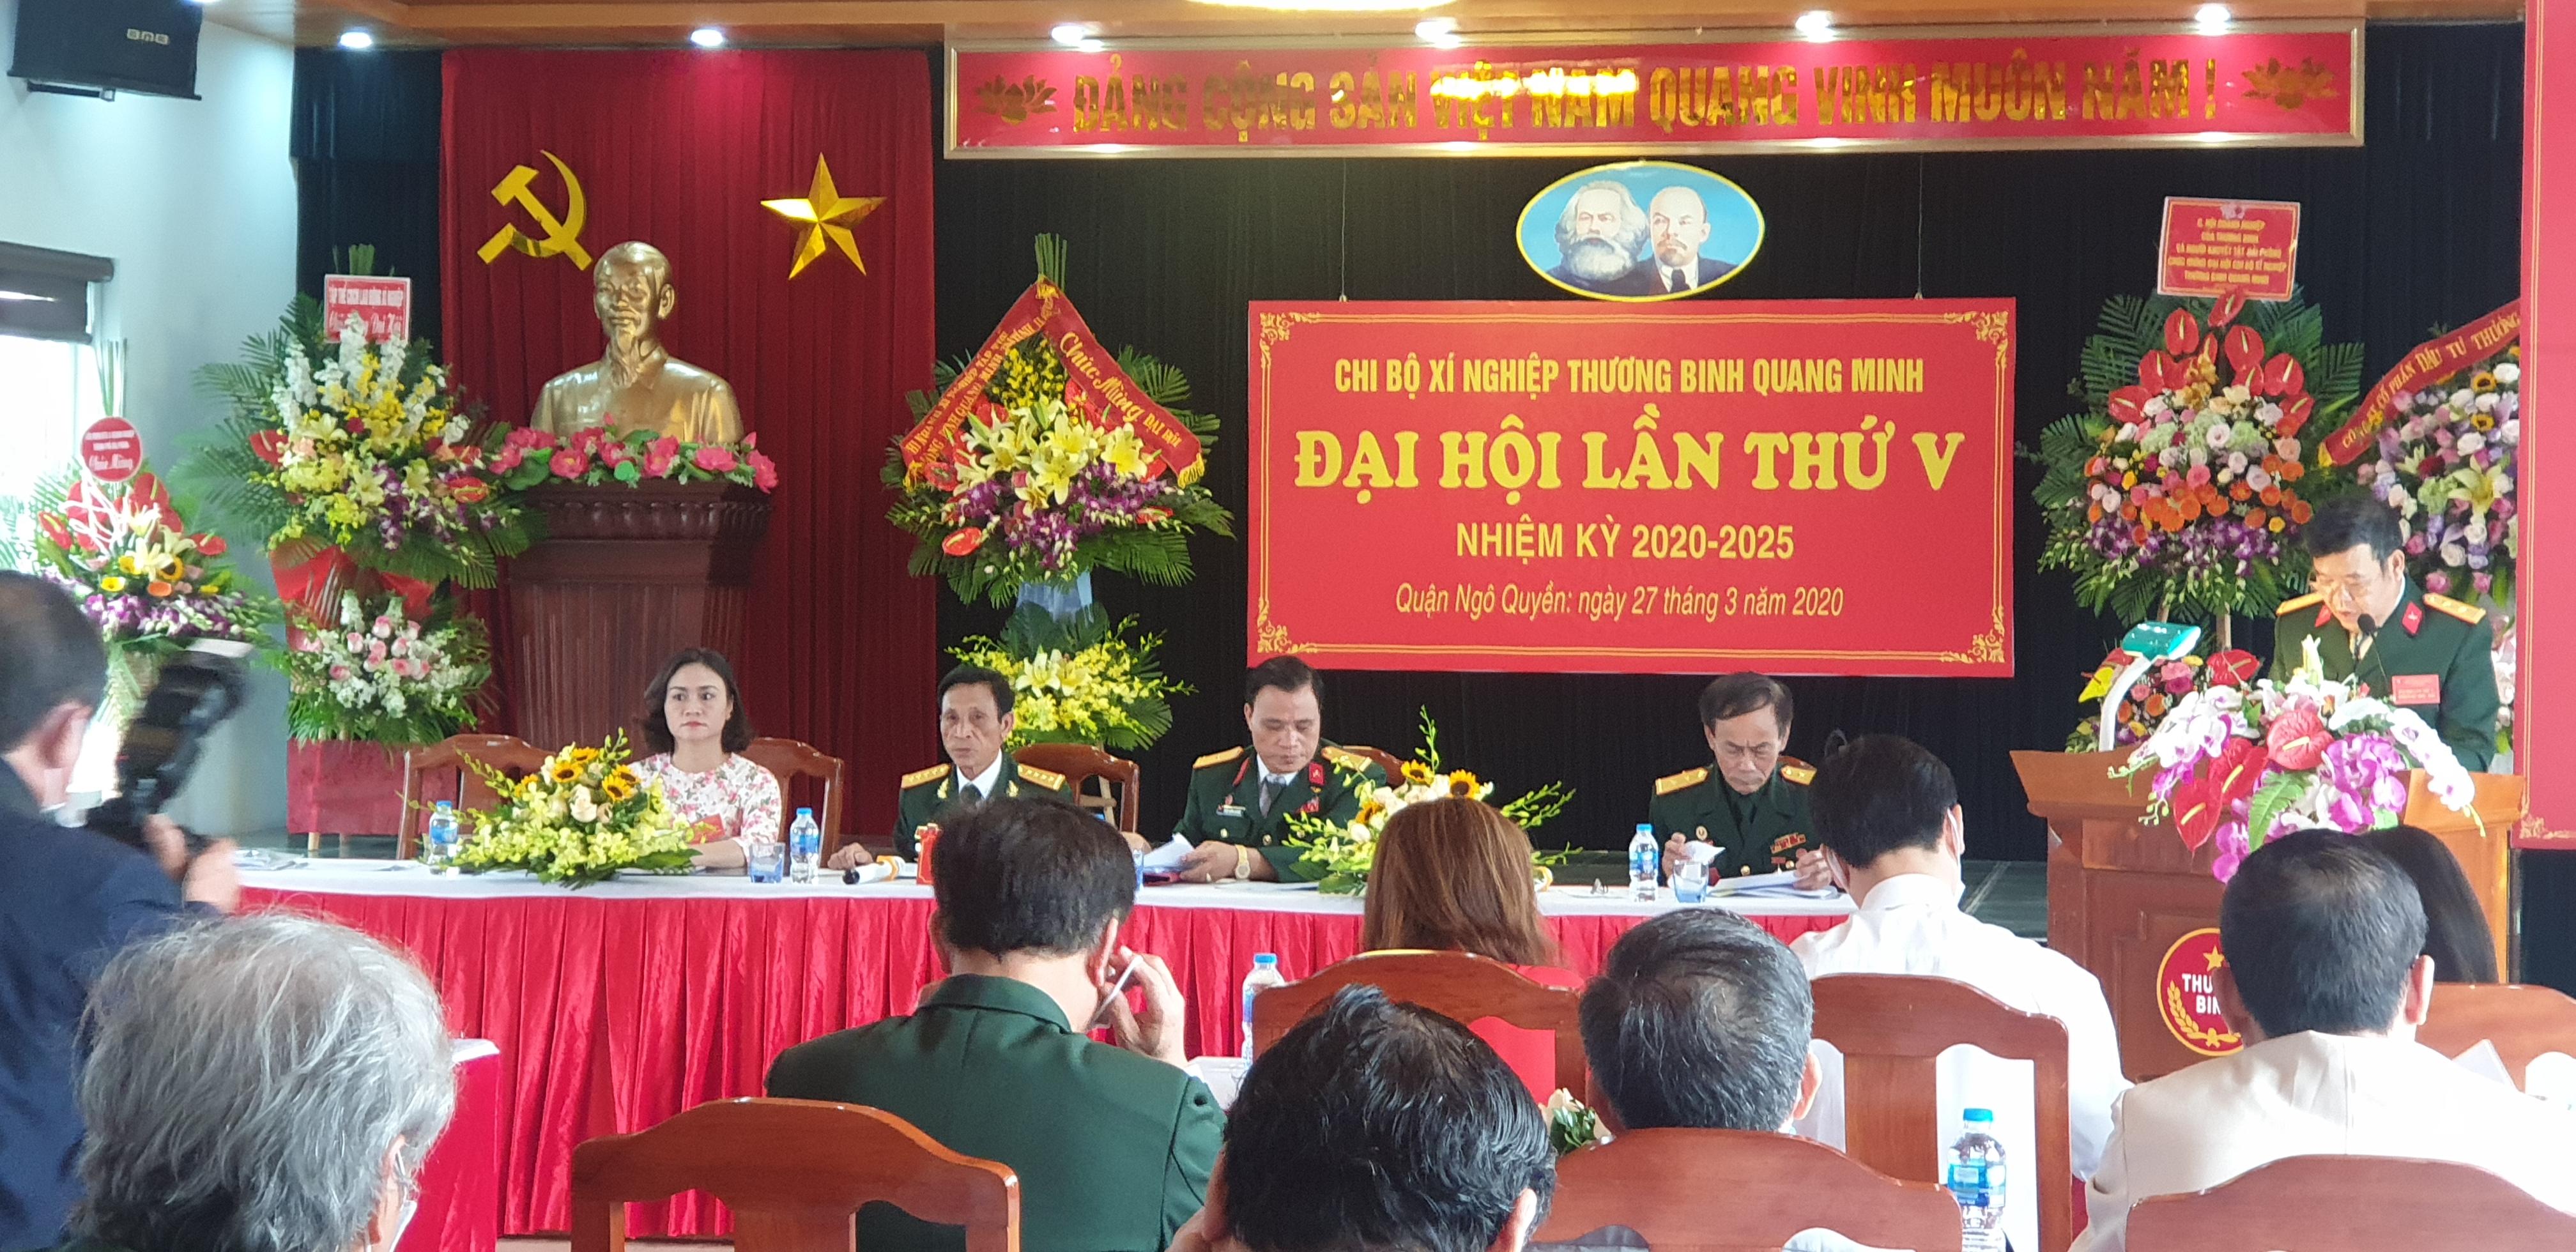 Chi bộ Quang Minh: Đại hội Đảng thành công nhiệm kỳ 2020-2025